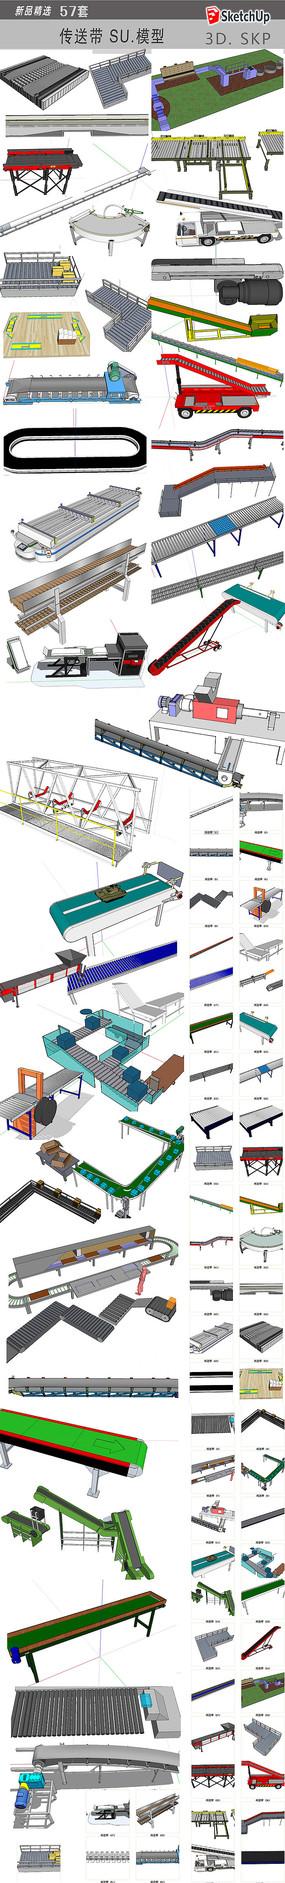 生产设备传送带模型 skp